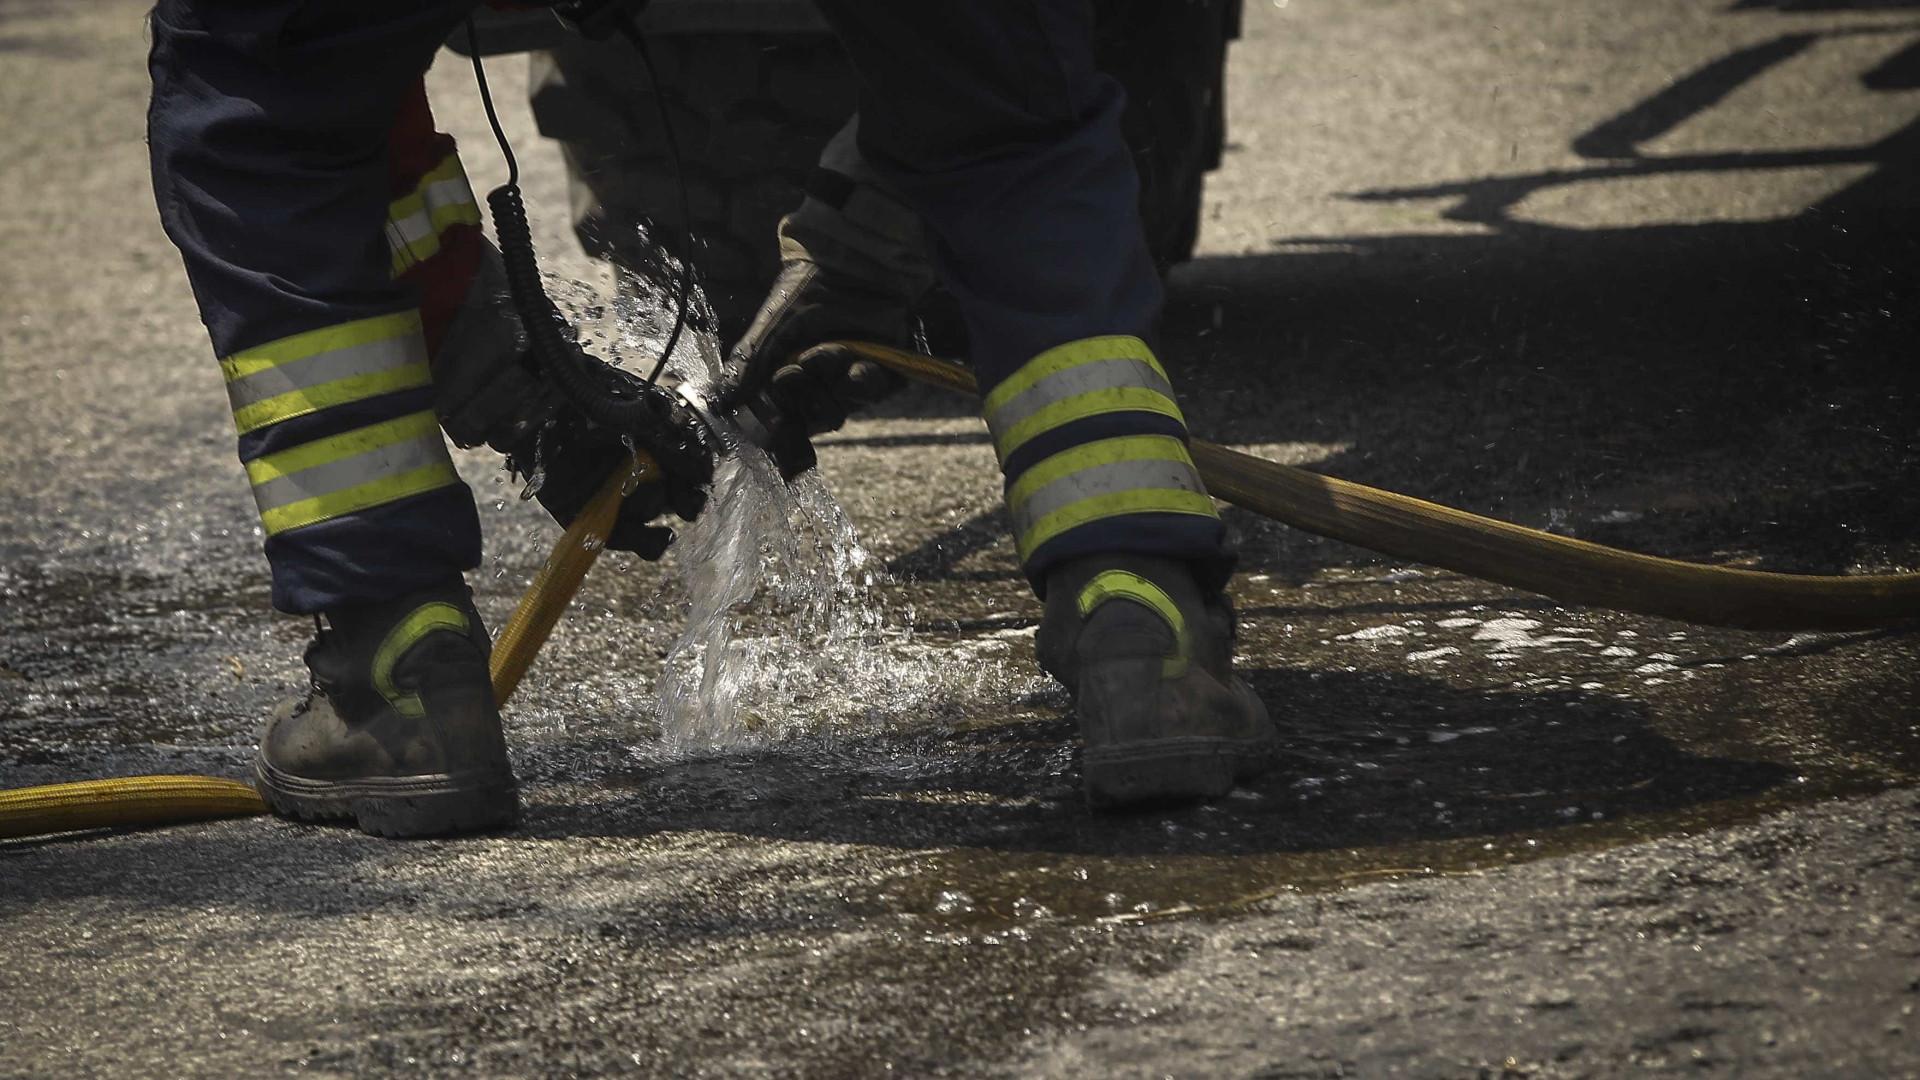 Incêndio em bairro do concelho de Viseu atinge quatro casas